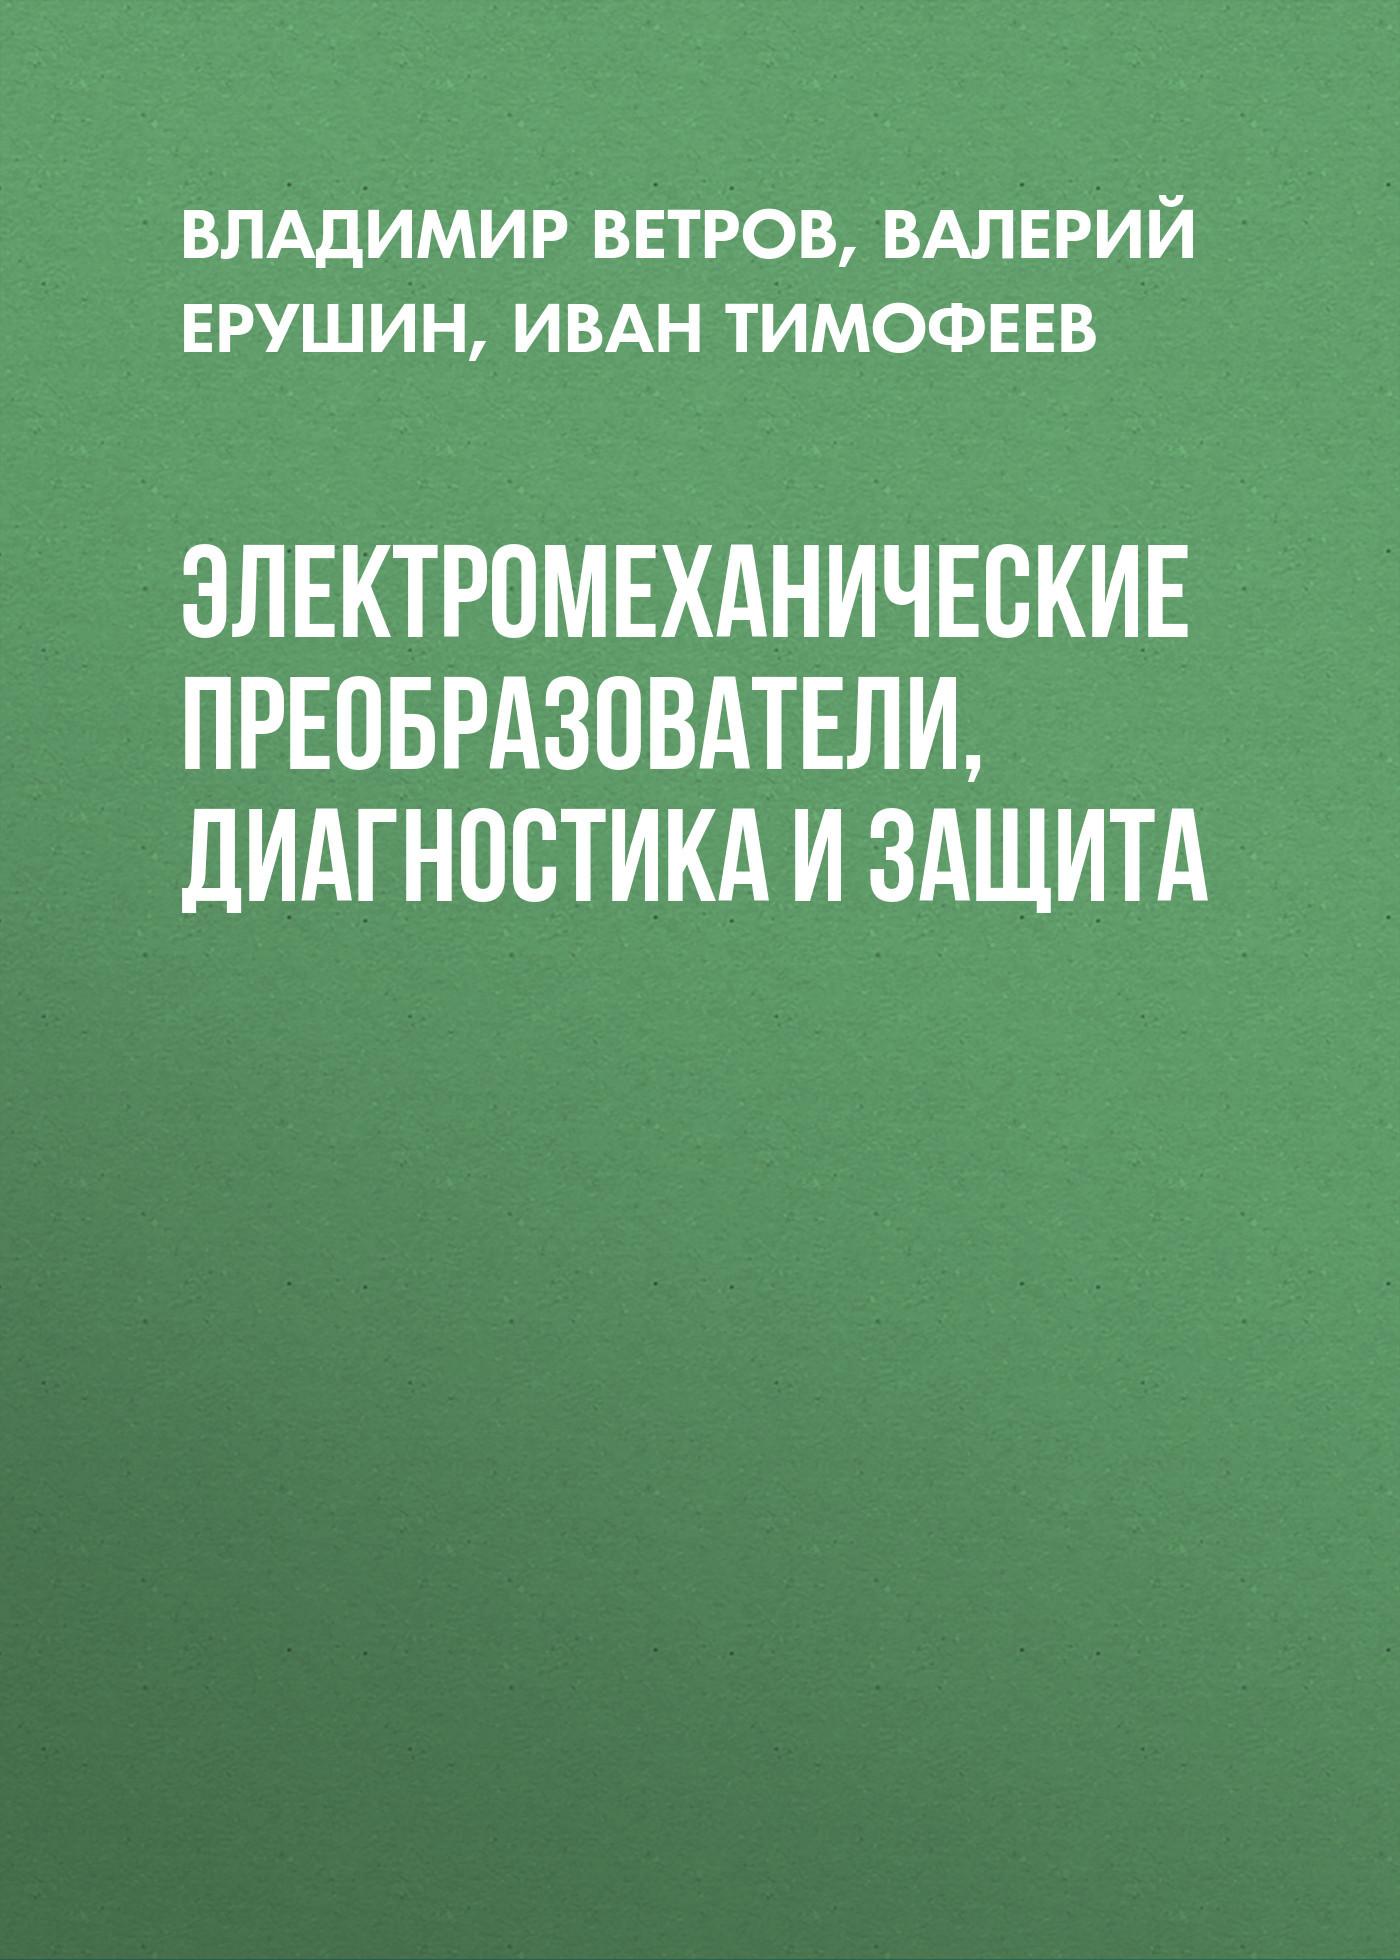 Иван Тимофеев Электромеханические преобразователи, диагностика и защита генераторы